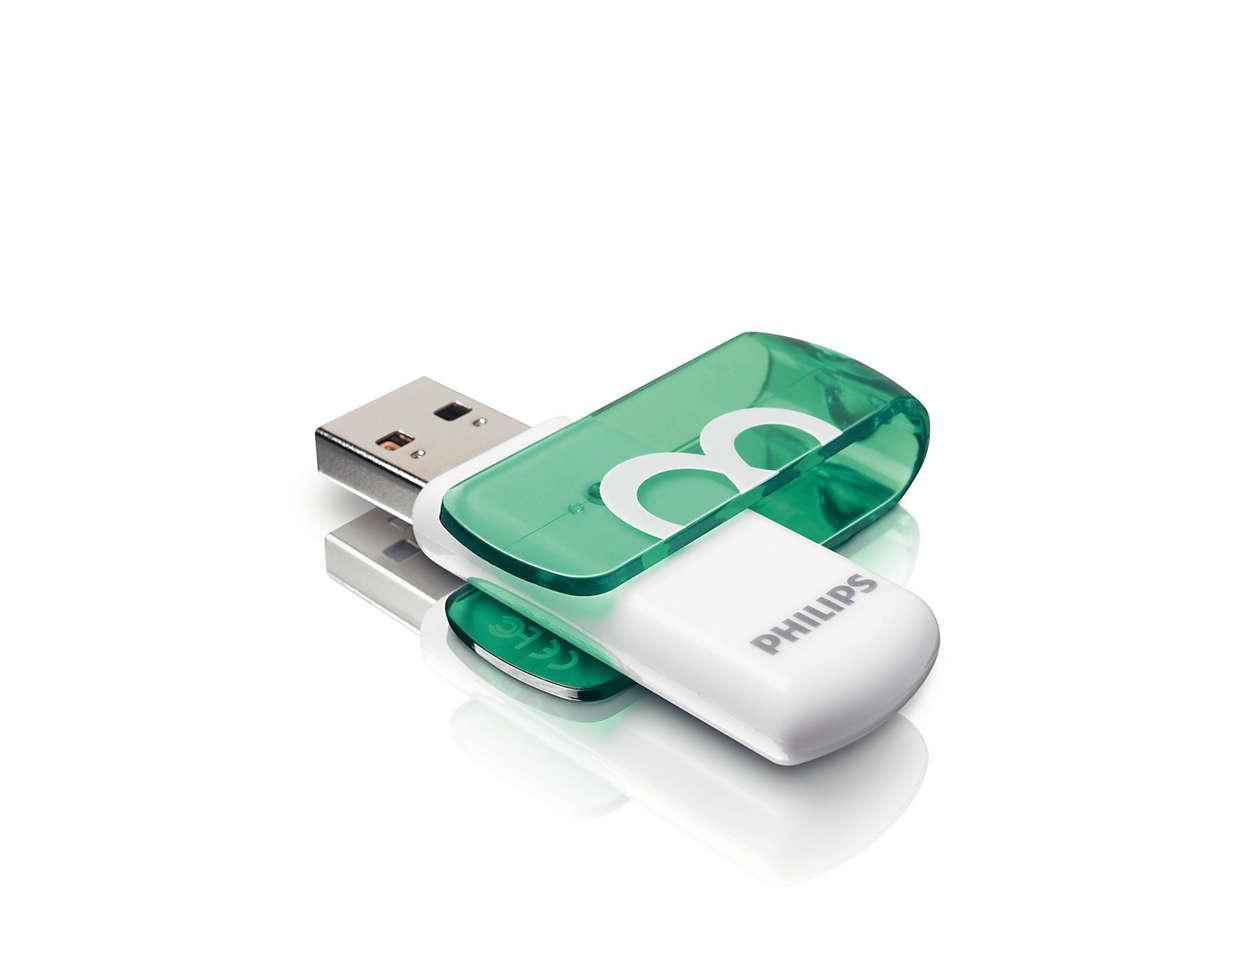 Plug-and-play pour une utilisation facile